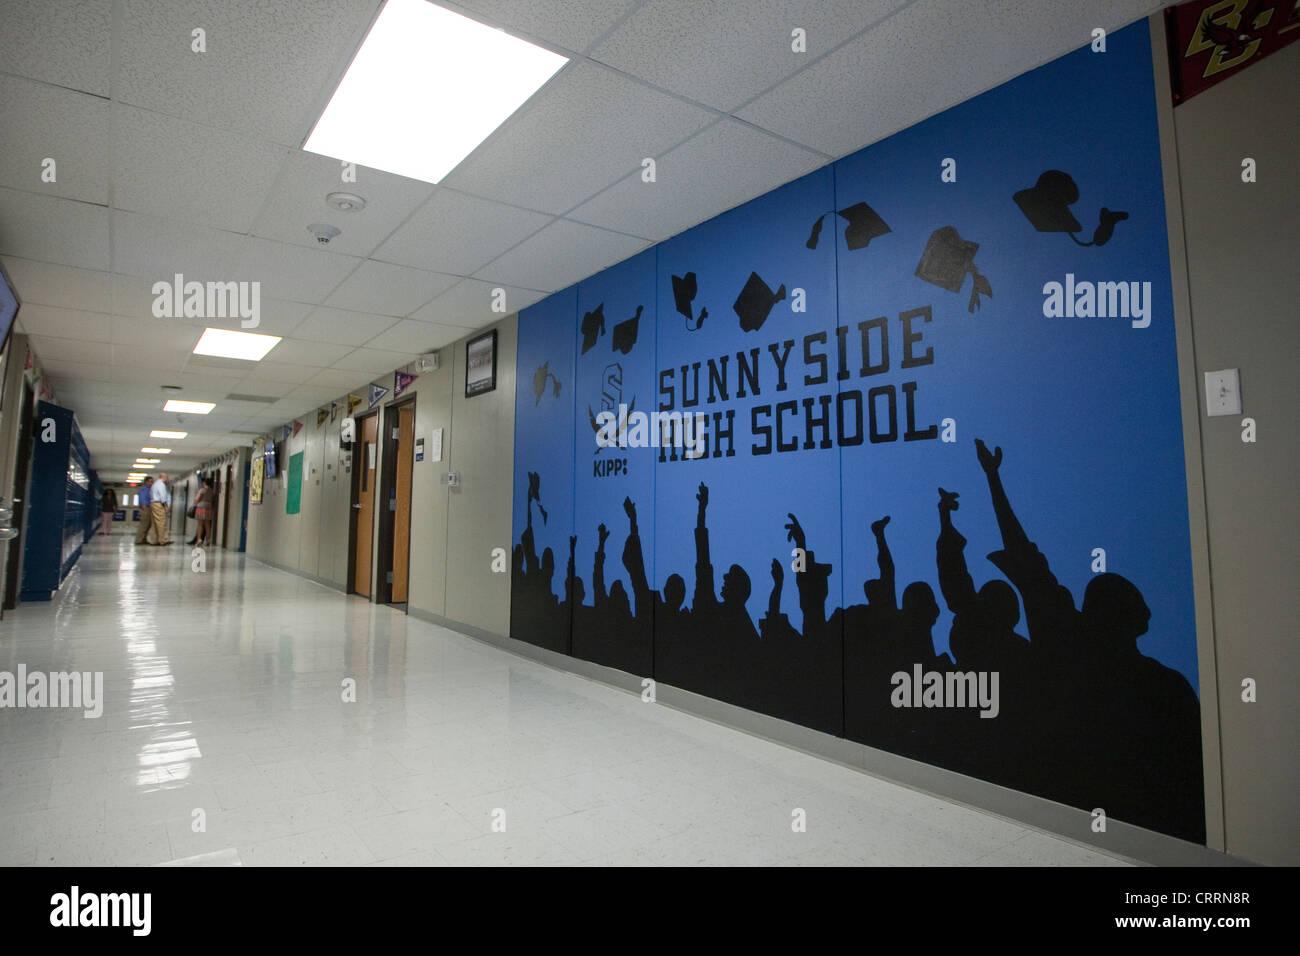 Afroamerikanische Studenten im Flur der öffentlichen Charter High School in Houston, Texas Stockbild